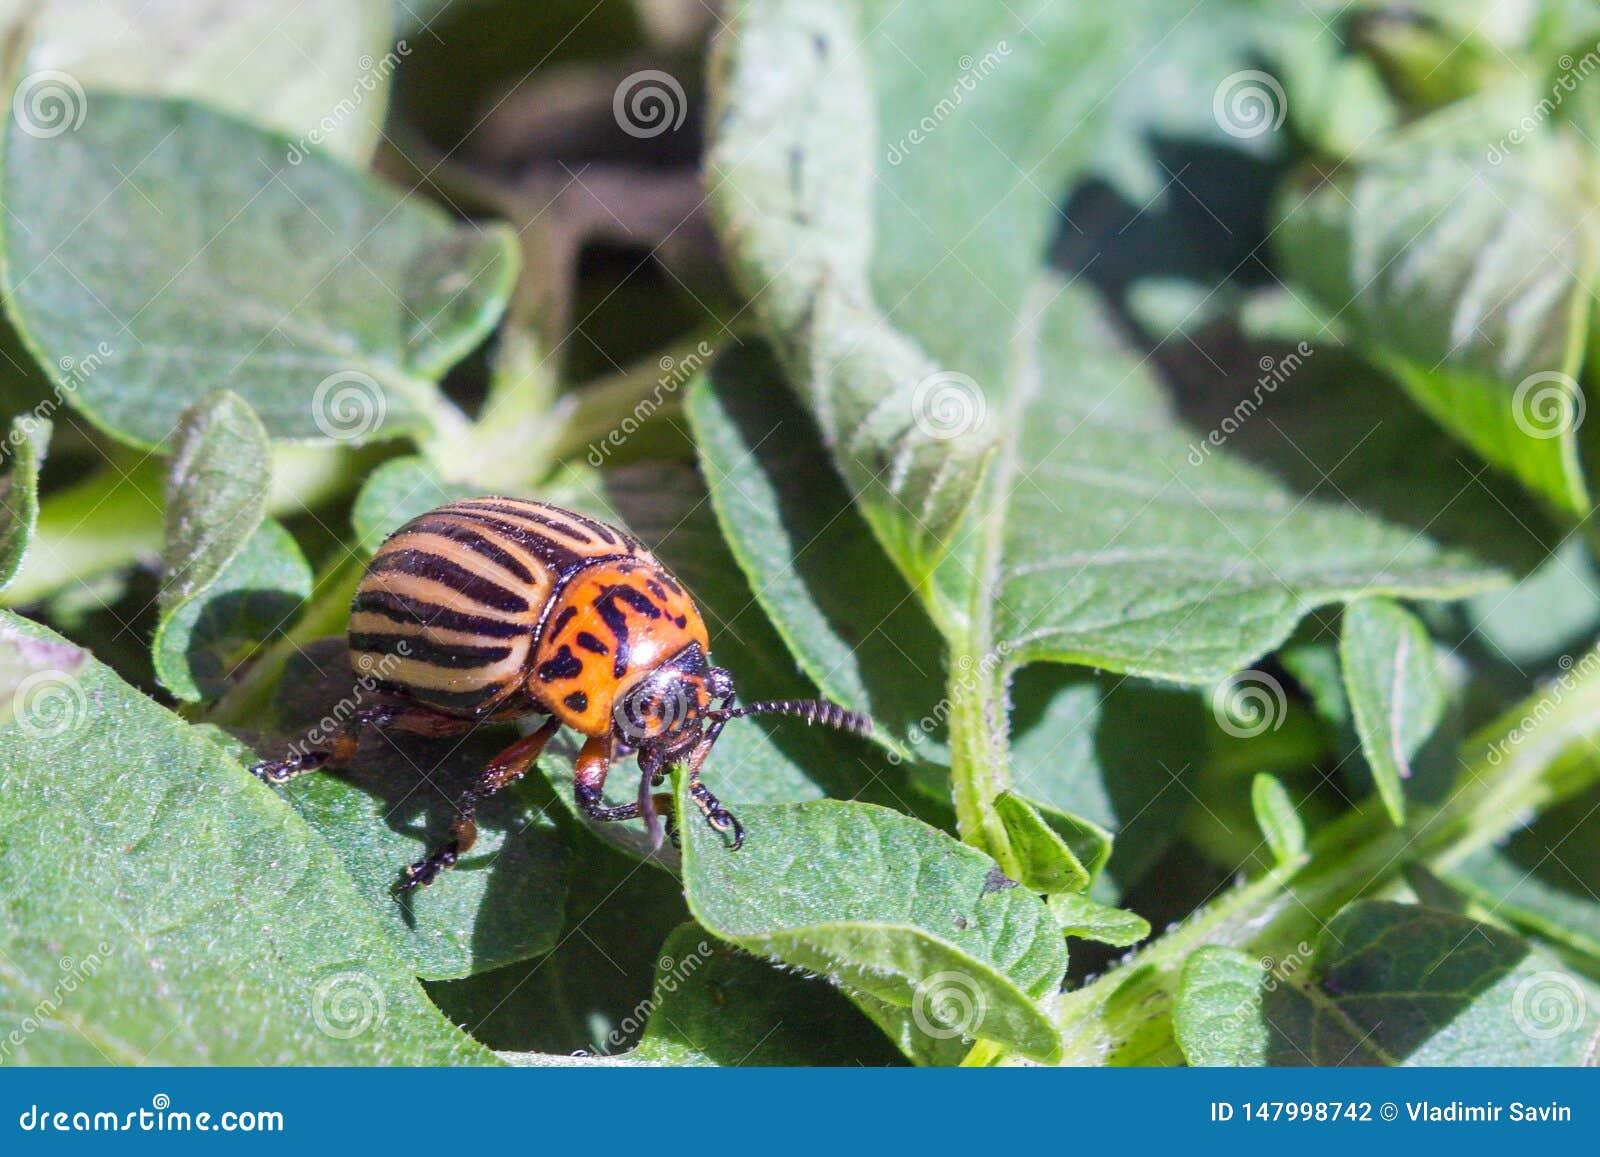 Ett slut upp bild av den randiga Colorado potatisskalbaggen som kryper p? potatisar och gr?na sidor och ?ter dem